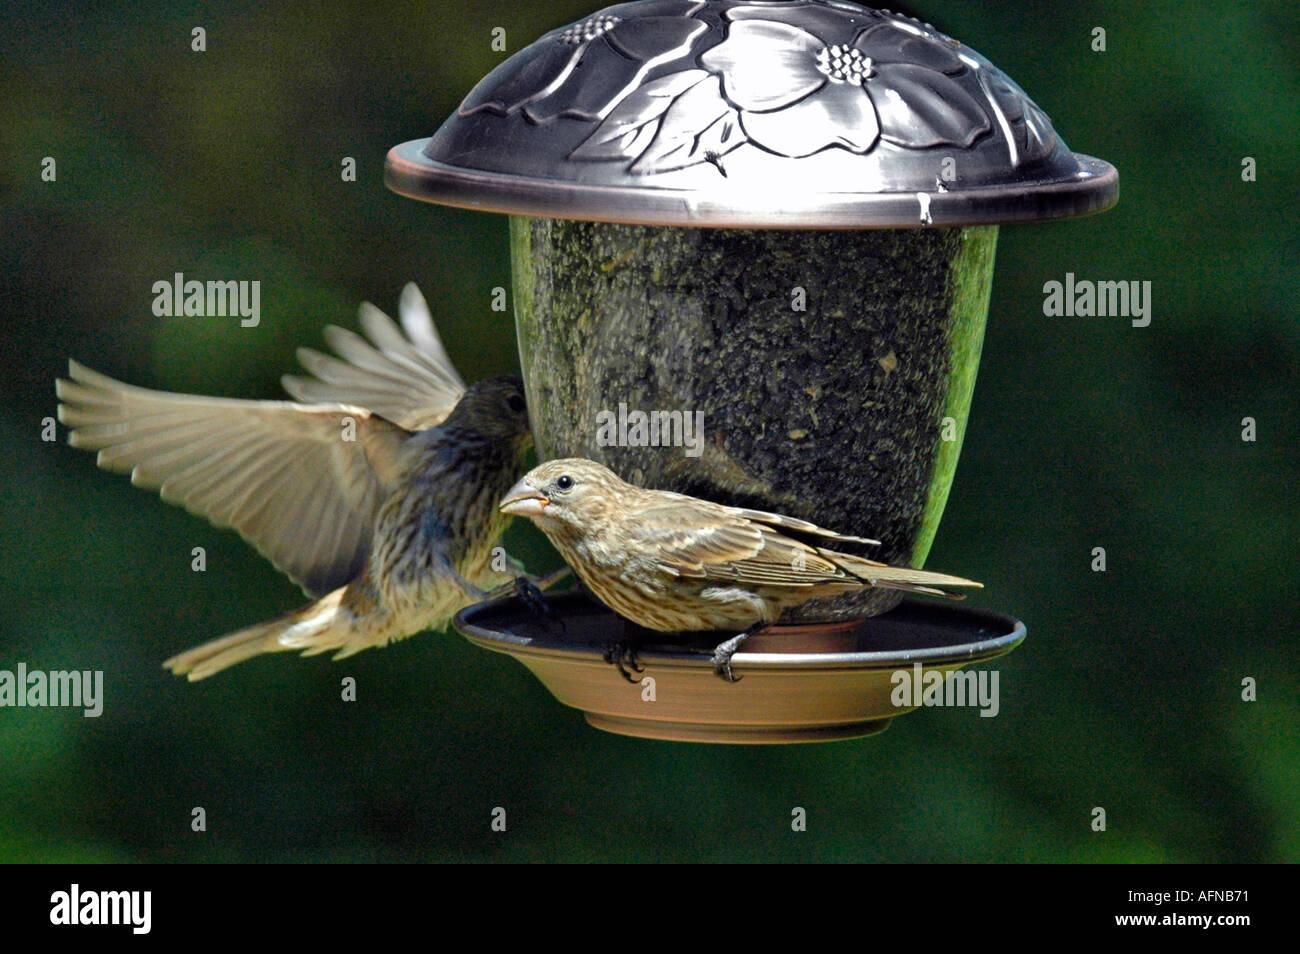 vögel essen samen in ein vogelhaus futterstation stockfoto, bild